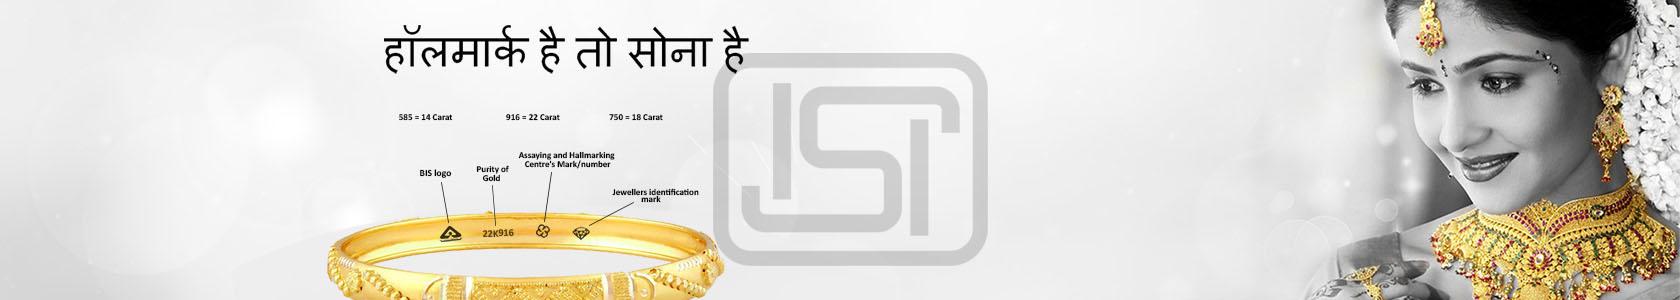 154497146Hallmarking-hindi